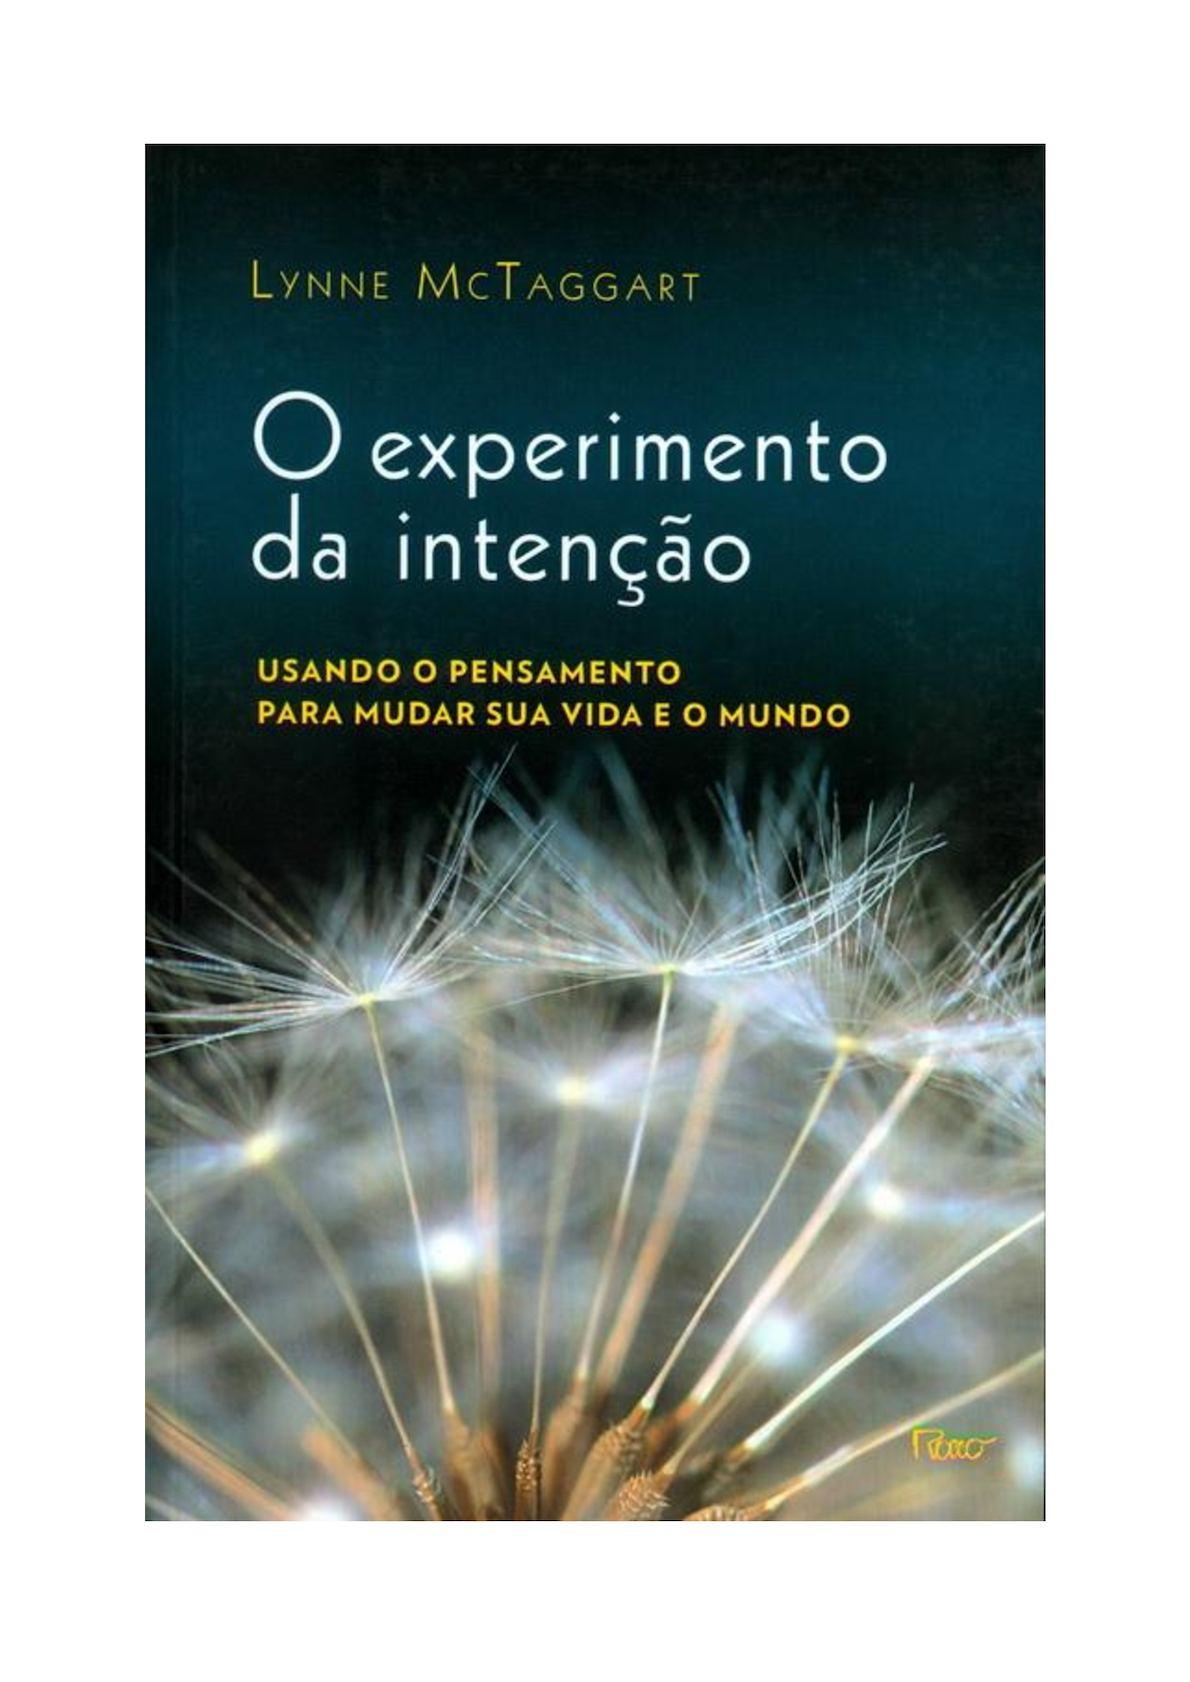 847b512577 Calaméo - O Experimento Da Intenc3a7c3a3o Lynne Mctaggart